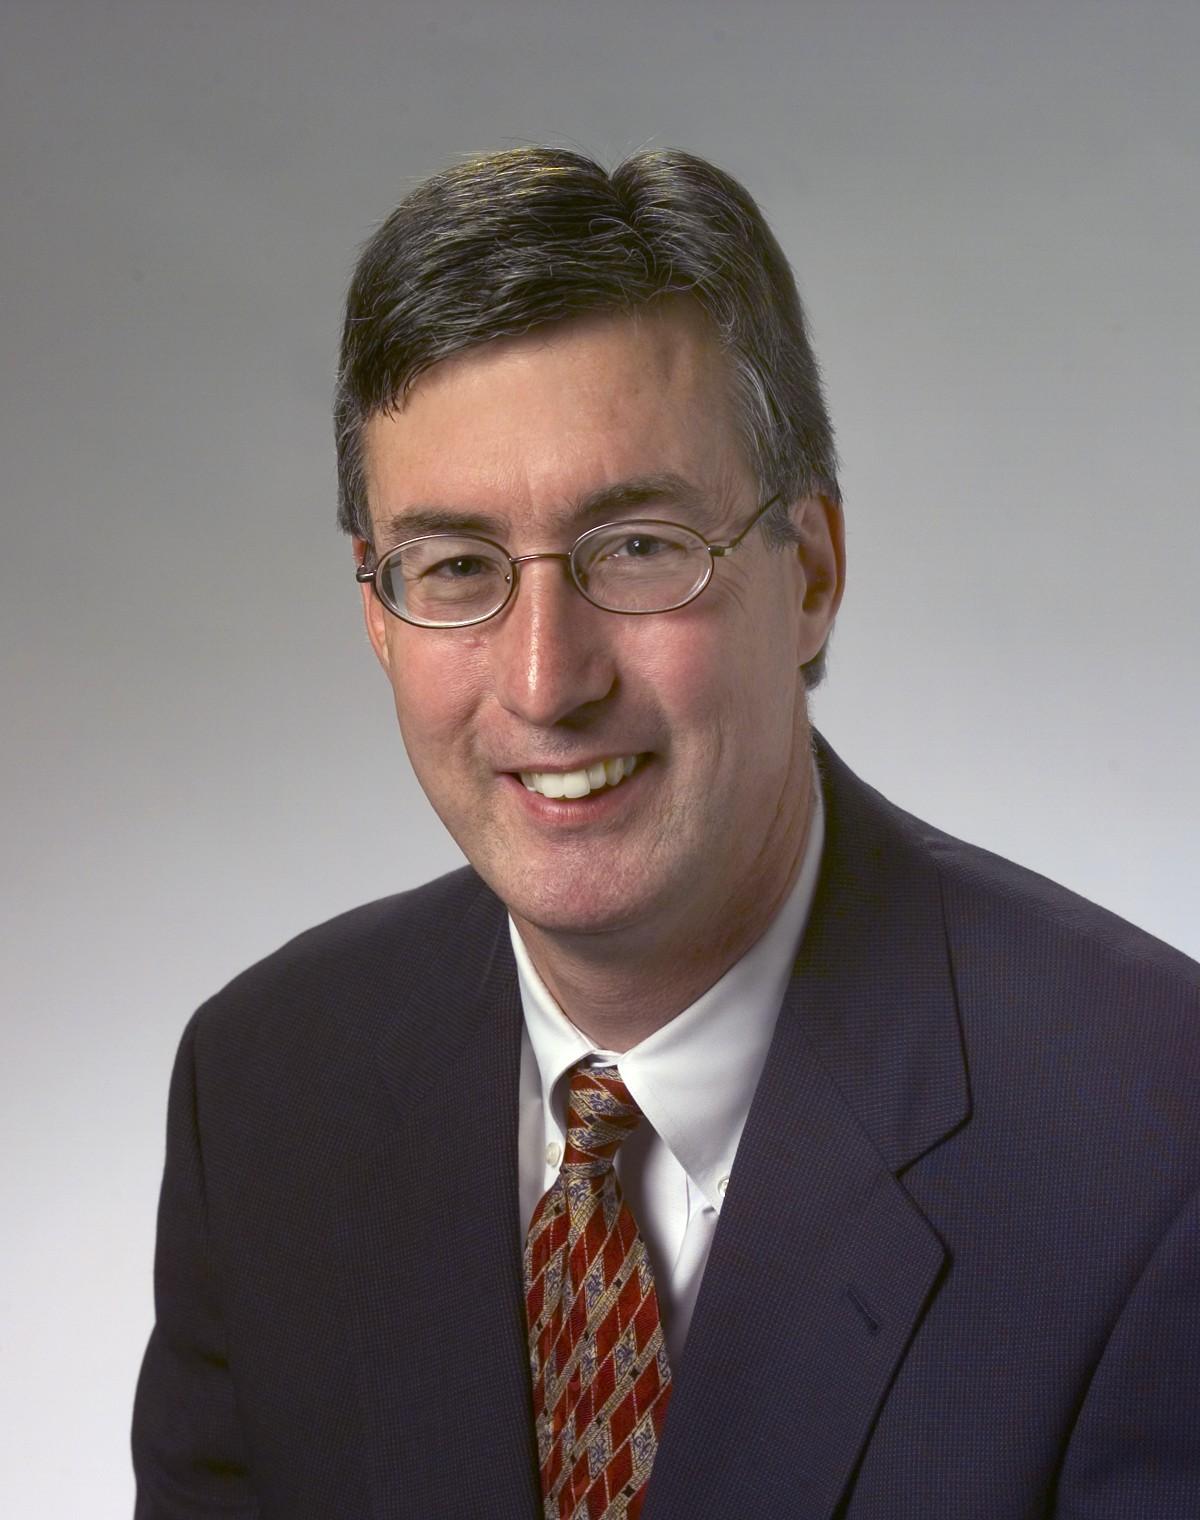 Charles H. Walter